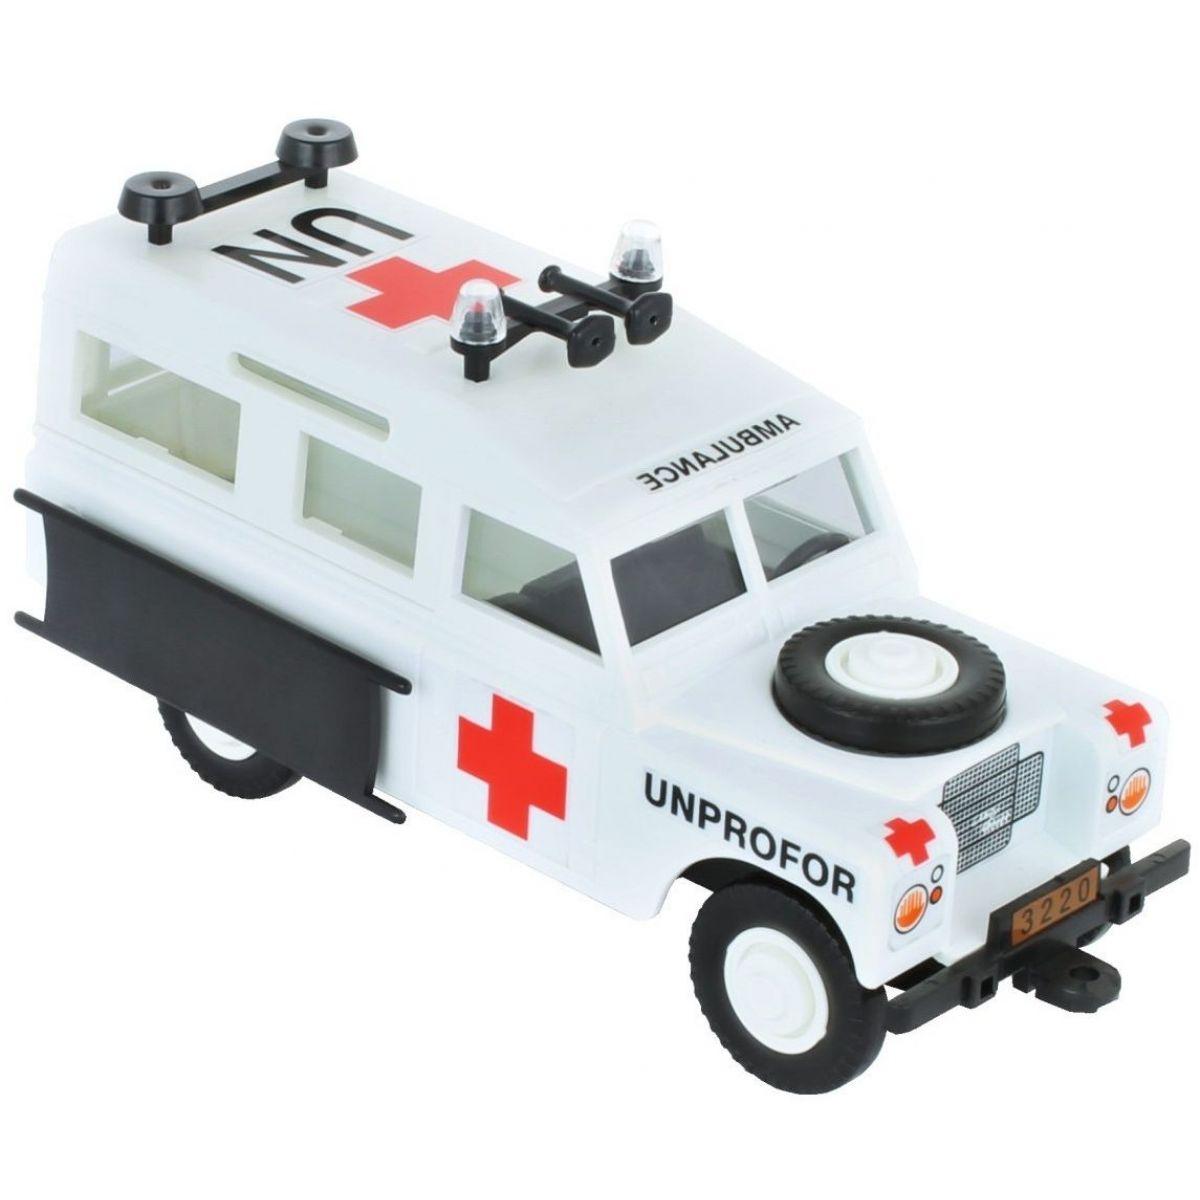 Monti System 35 Unprofor Ambulancia 1:35